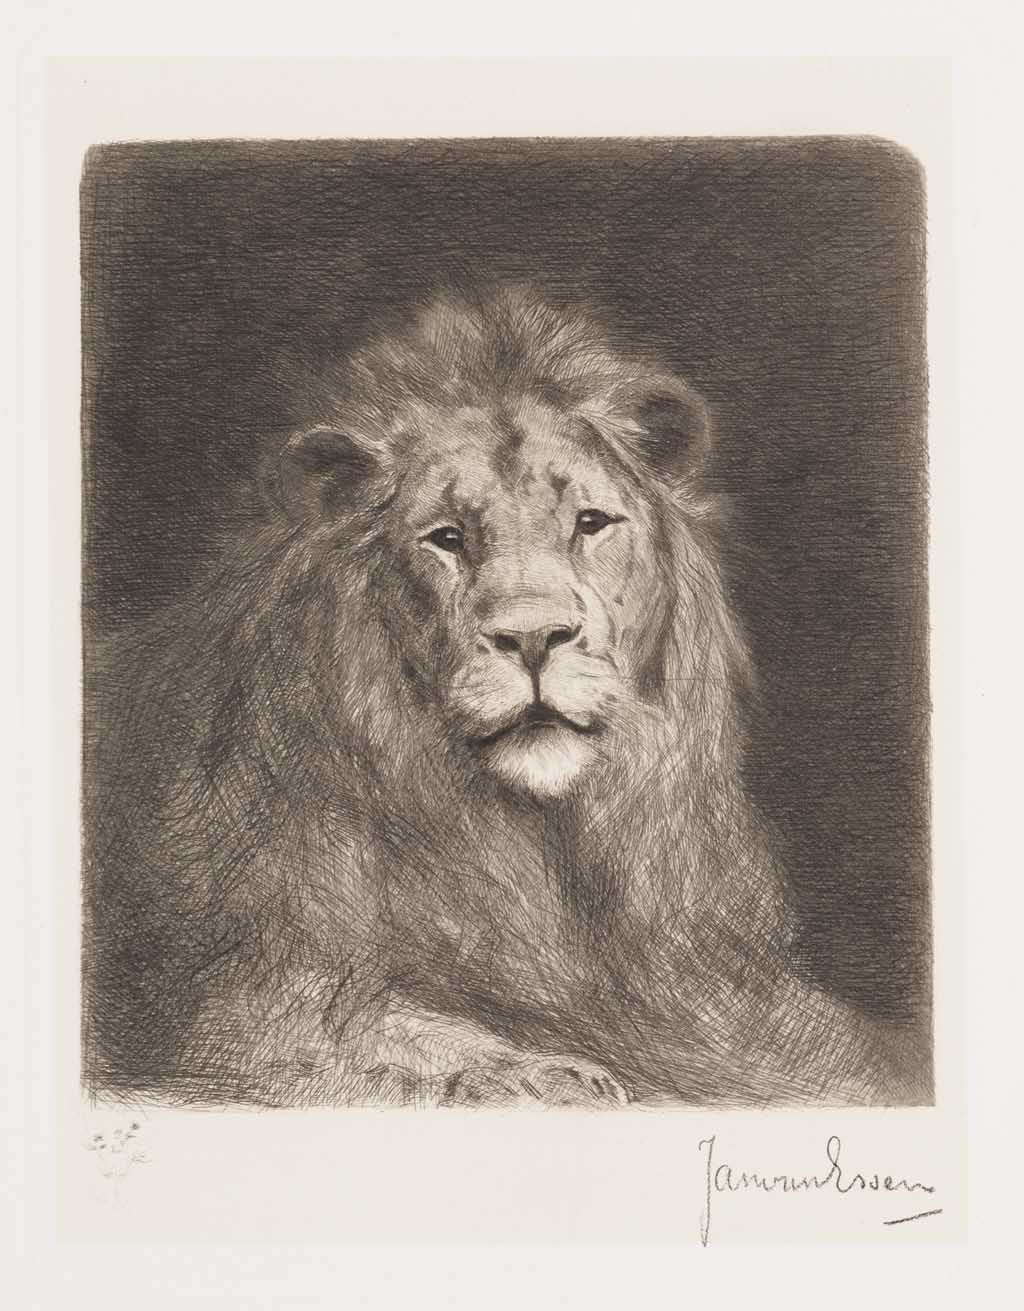 De Distel, etsen van Nederlandsche schilders, editie 1886 (afl. 3: Leeuwenstudie)